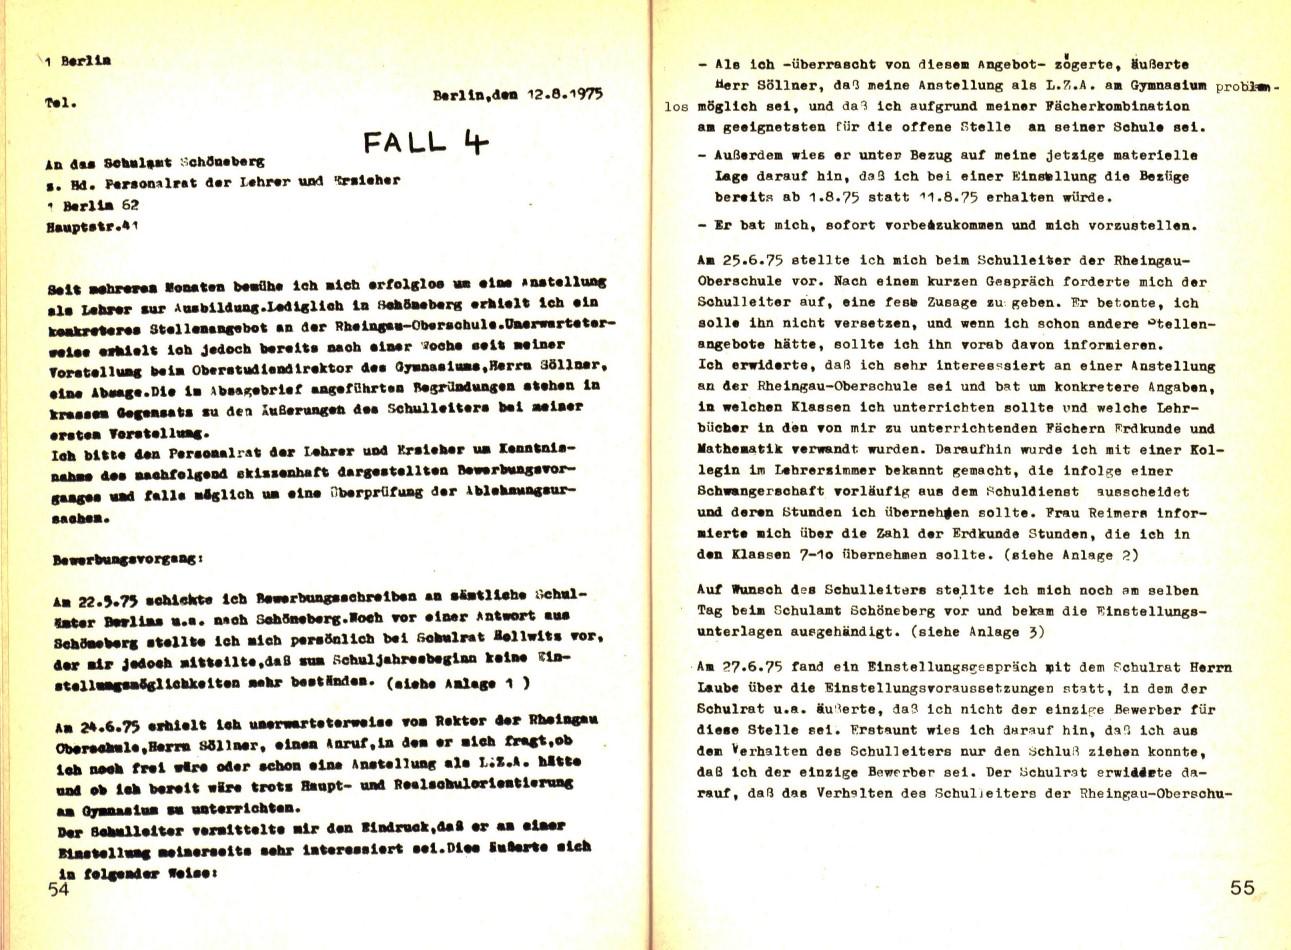 Berlin_VDS_Aktionskomitee_1976_BerufsverboteIII_29